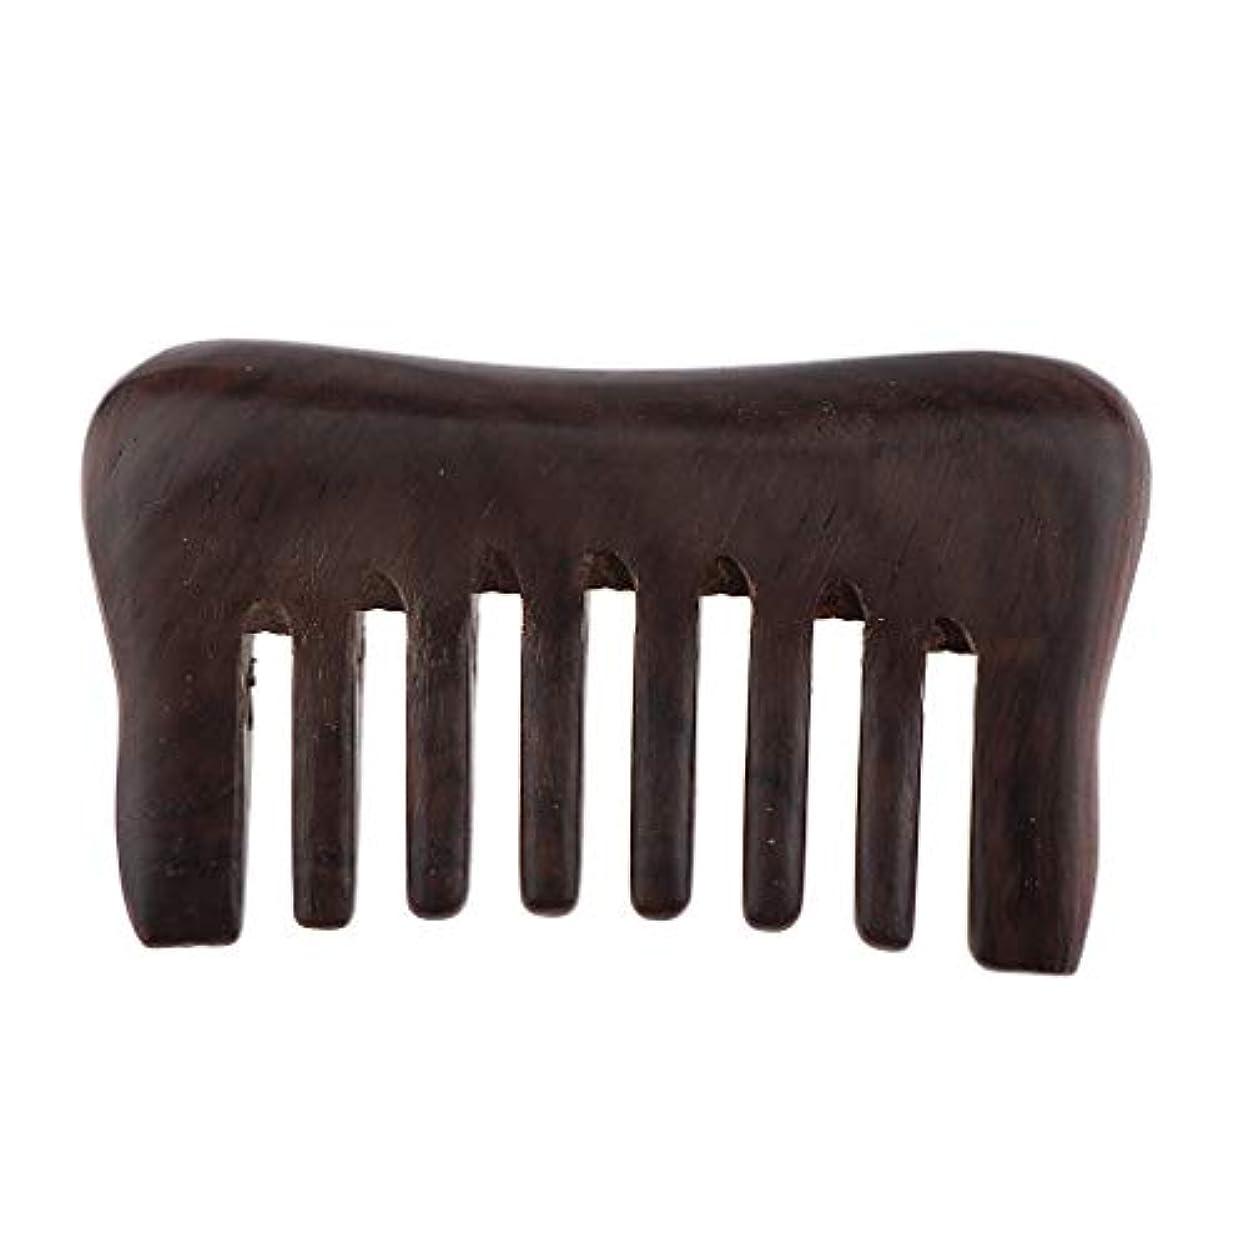 ドロップセーター比べるヘアコーム 木製櫛 頭皮マッサージ ヘアブラシ 3色選べ - 黒檀